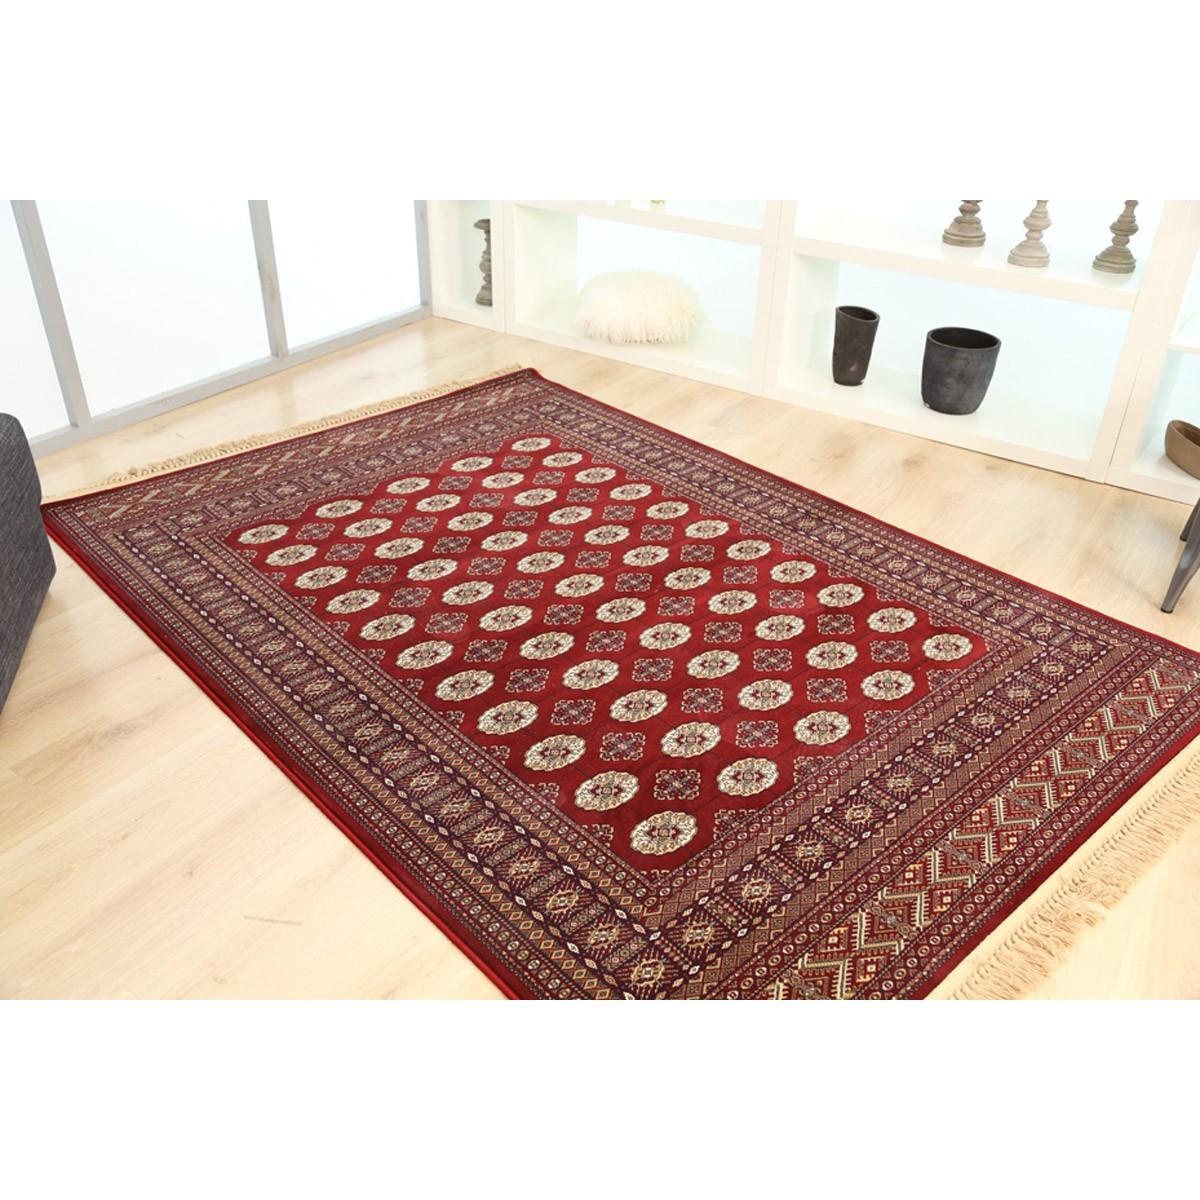 Χαλιά Κρεβατοκάμαρας (Σετ 3τμχ) Royal Carpets Sherazad 8874 Red home   χαλιά   χαλιά κρεβατοκάμαρας